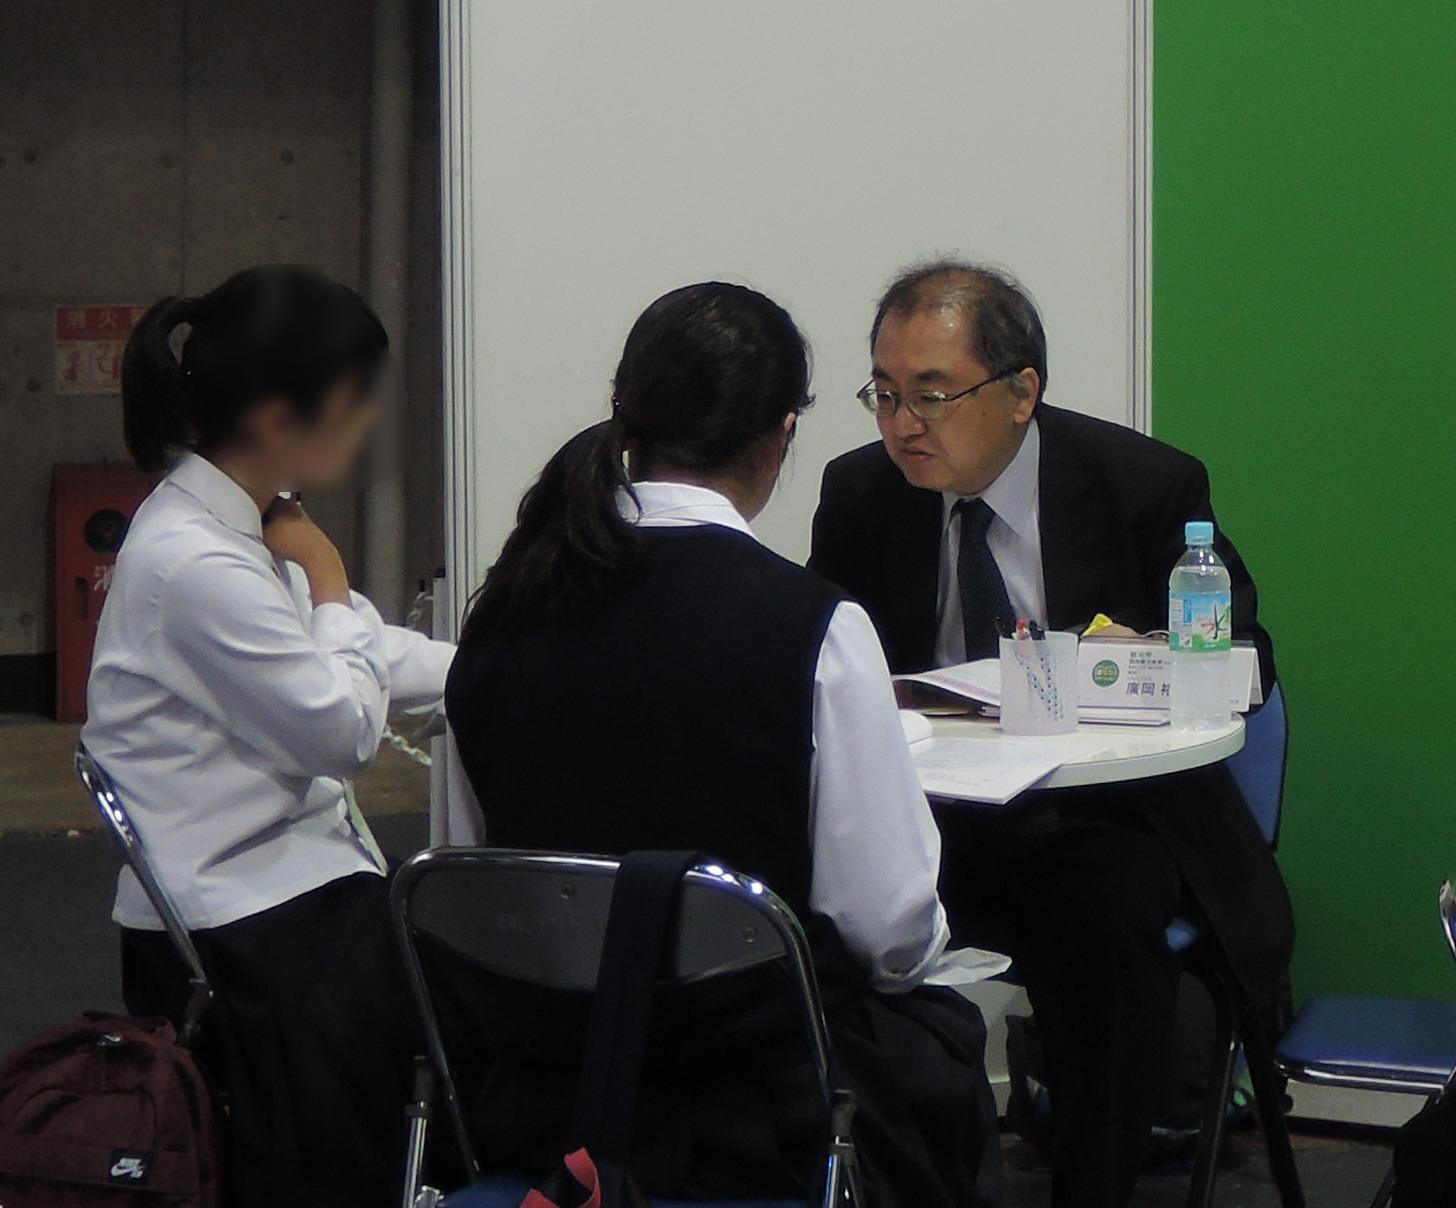 和歌山大学 観光学部 廣岡裕一 先生